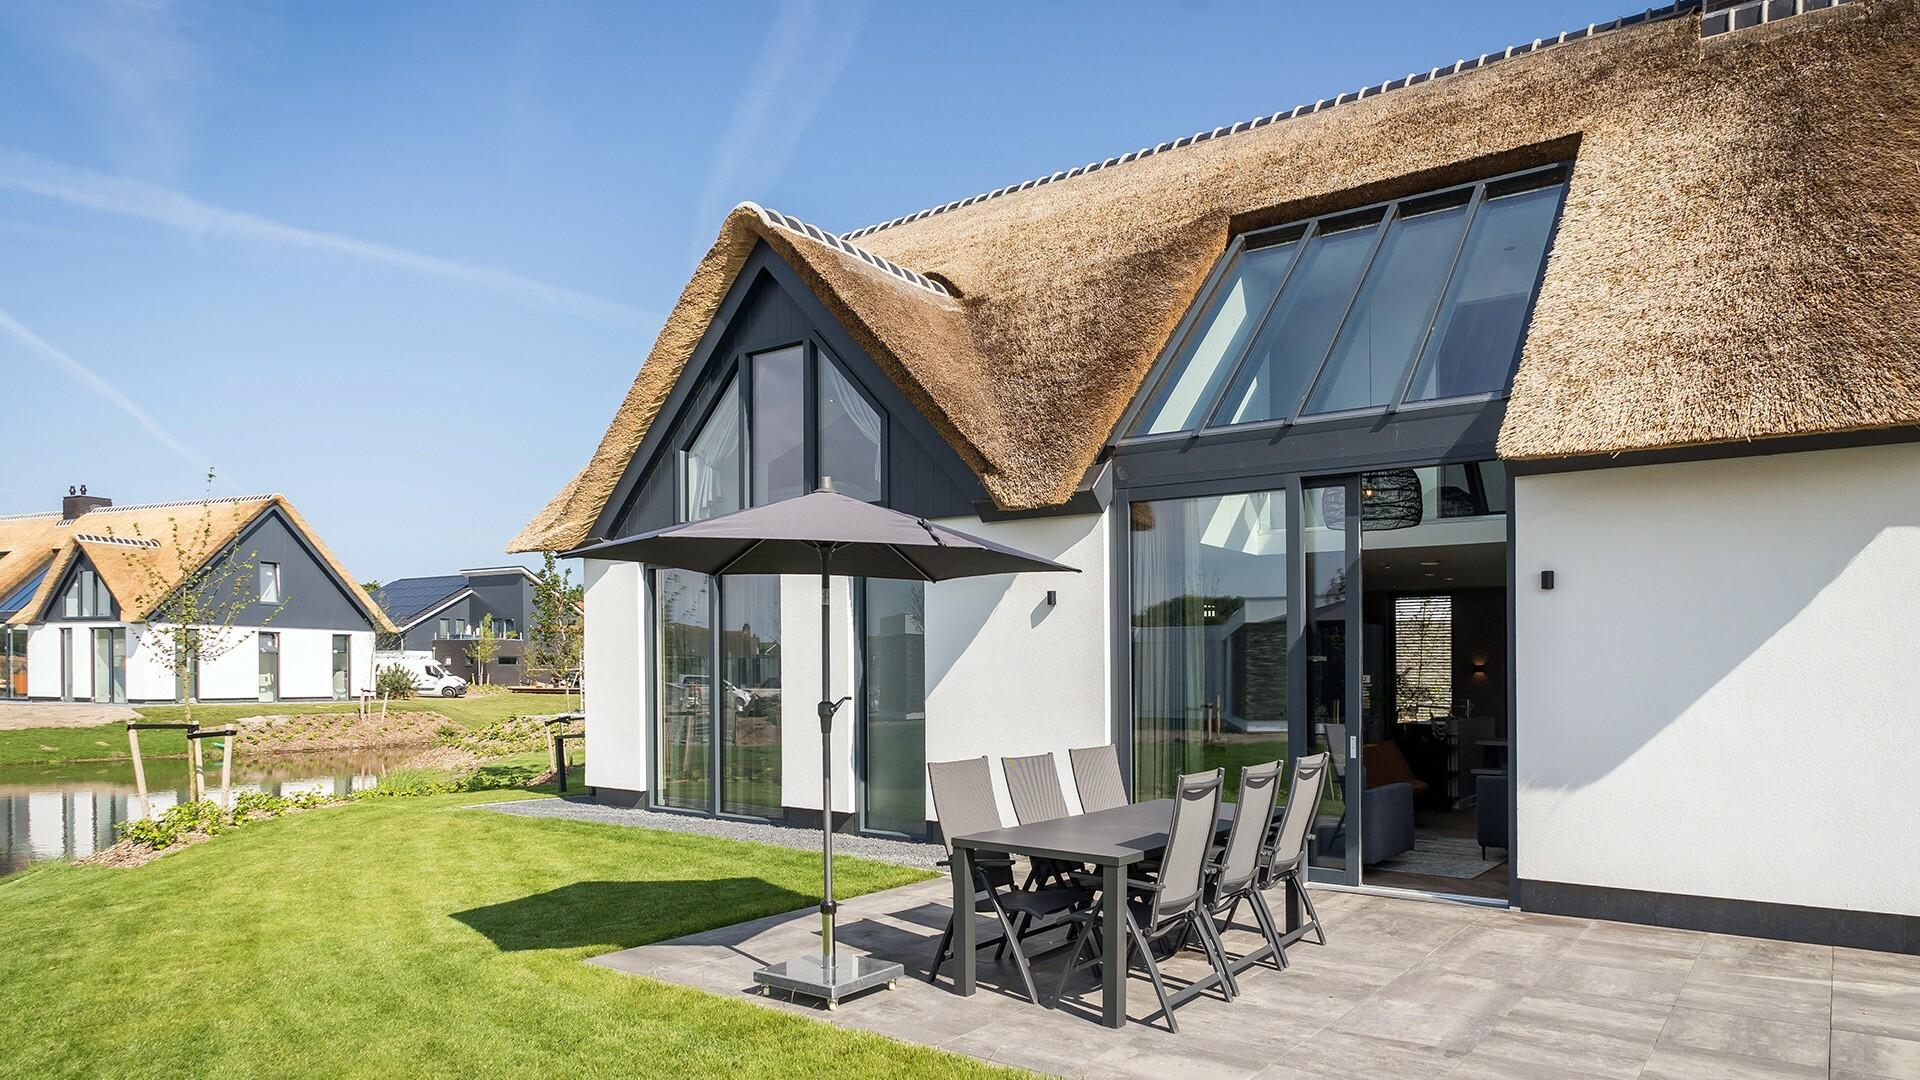 Luxe 6 persoons familievilla op Villapark De Koog VVV Texel